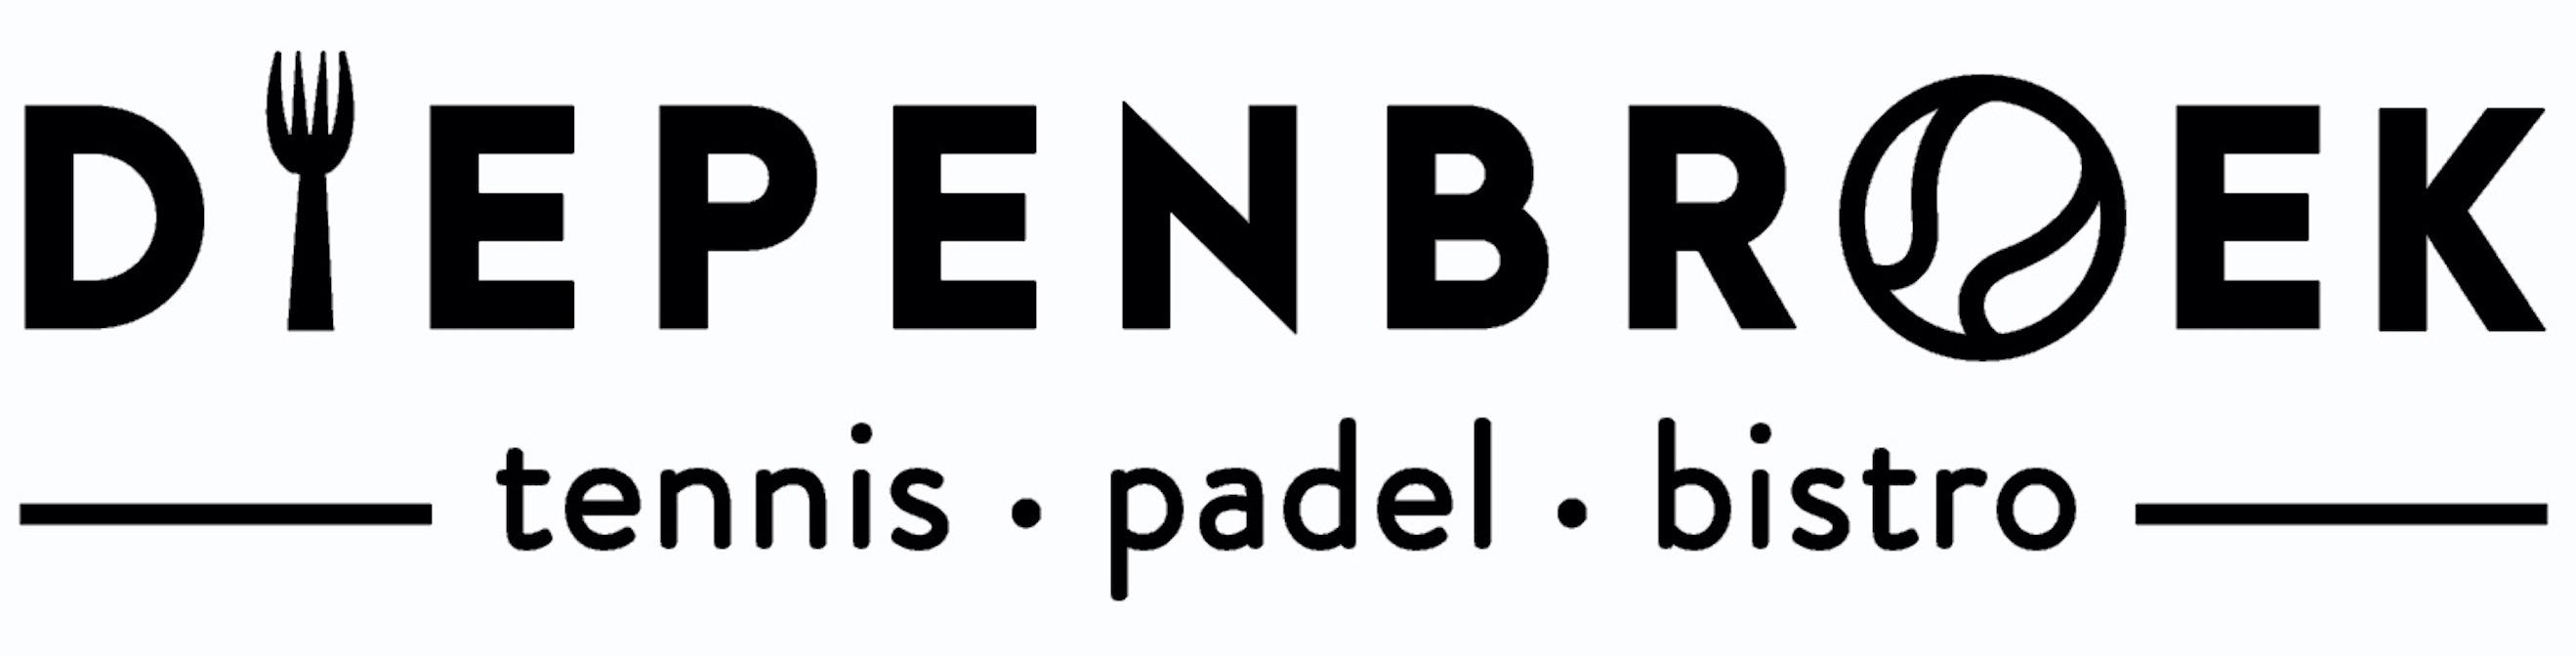 Logo Diepenbroek Tennis - Padel - Bistro